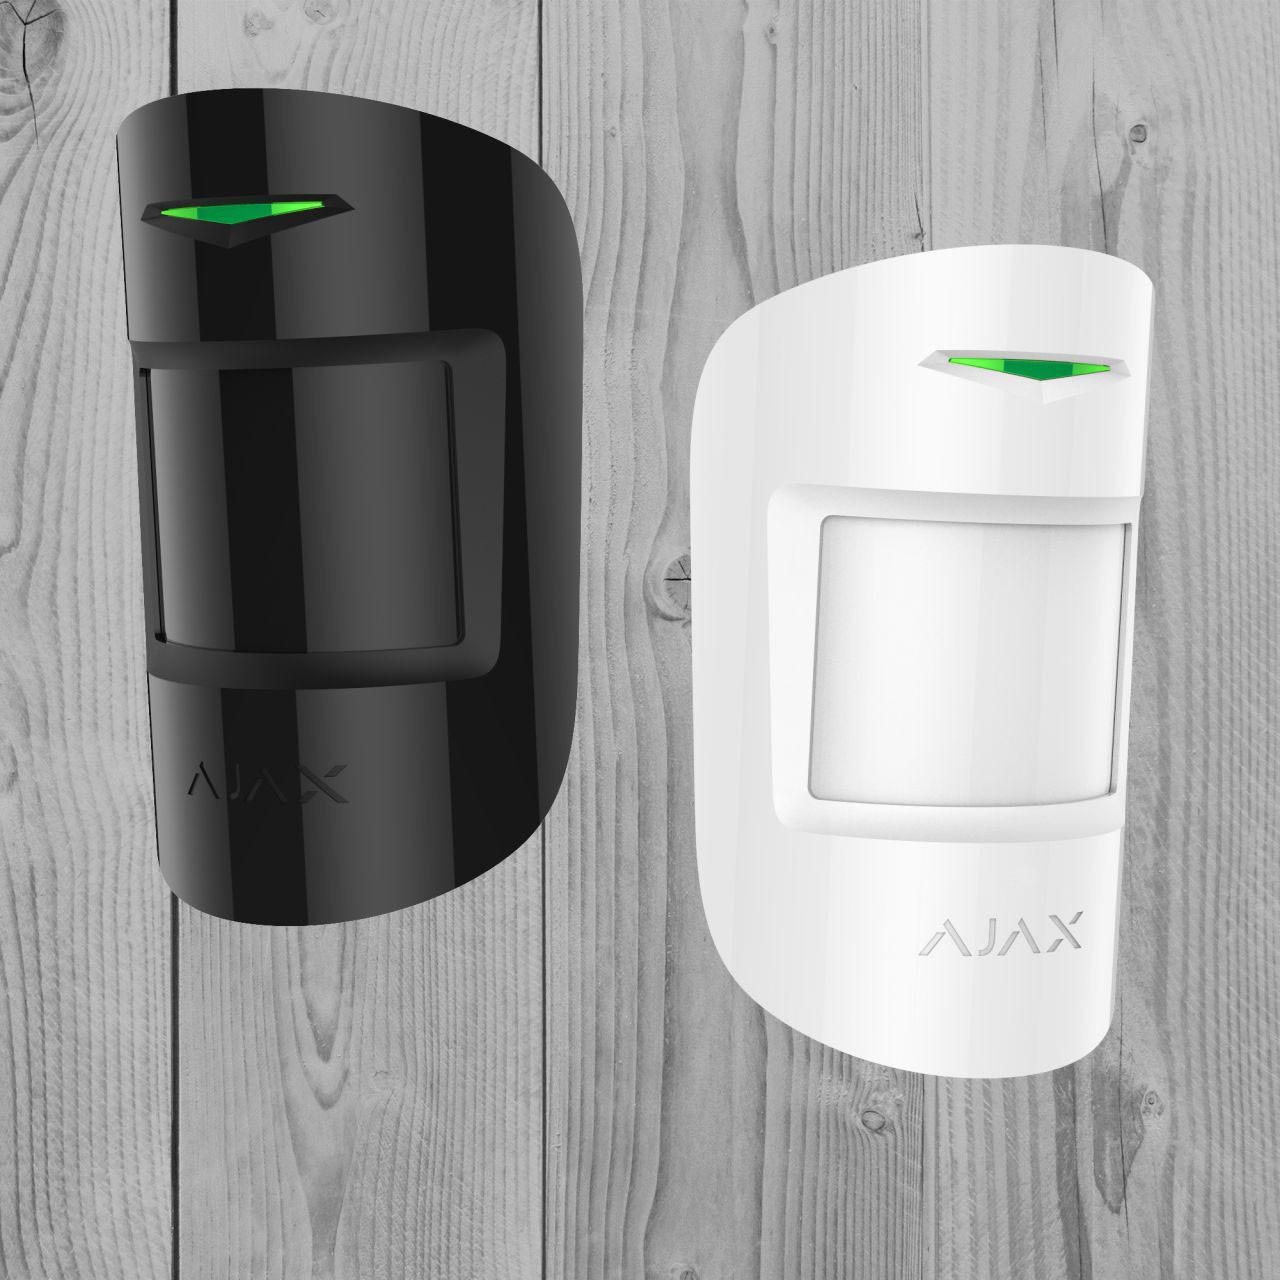 Бездротовий датчик руху Ajax MotionProtect (білий, чорний)